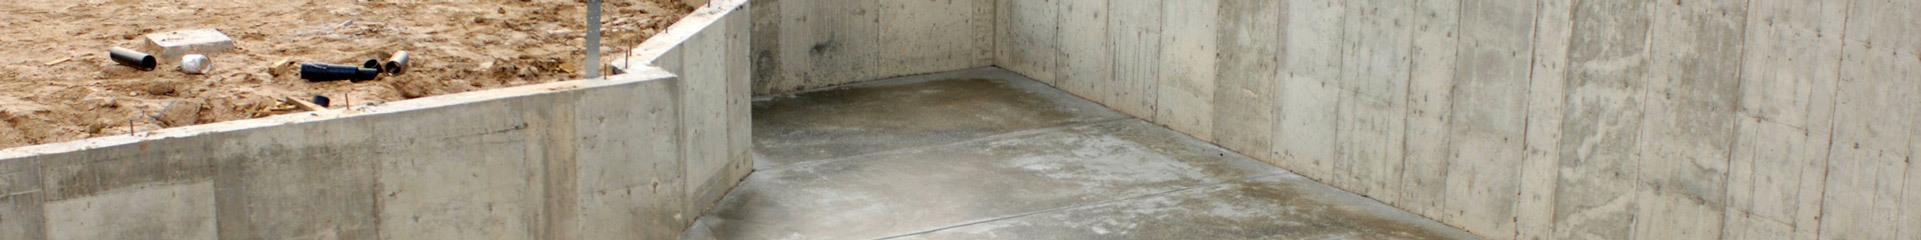 Basements: Penetrating Concrete Sealers, Topical Concrete